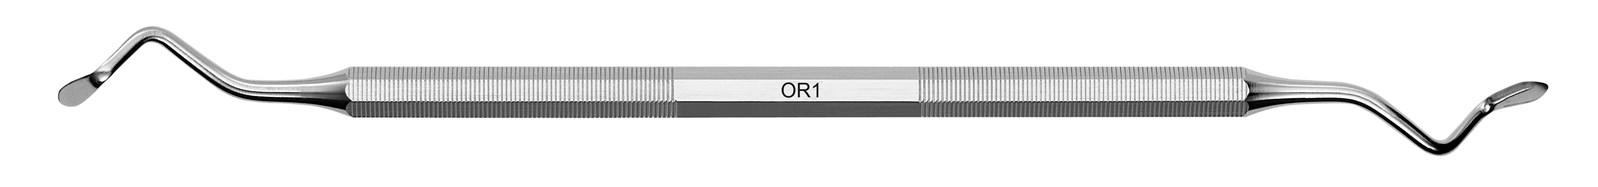 Oboustranný parodontální nůž Orban - OR1, ADEP žlutý